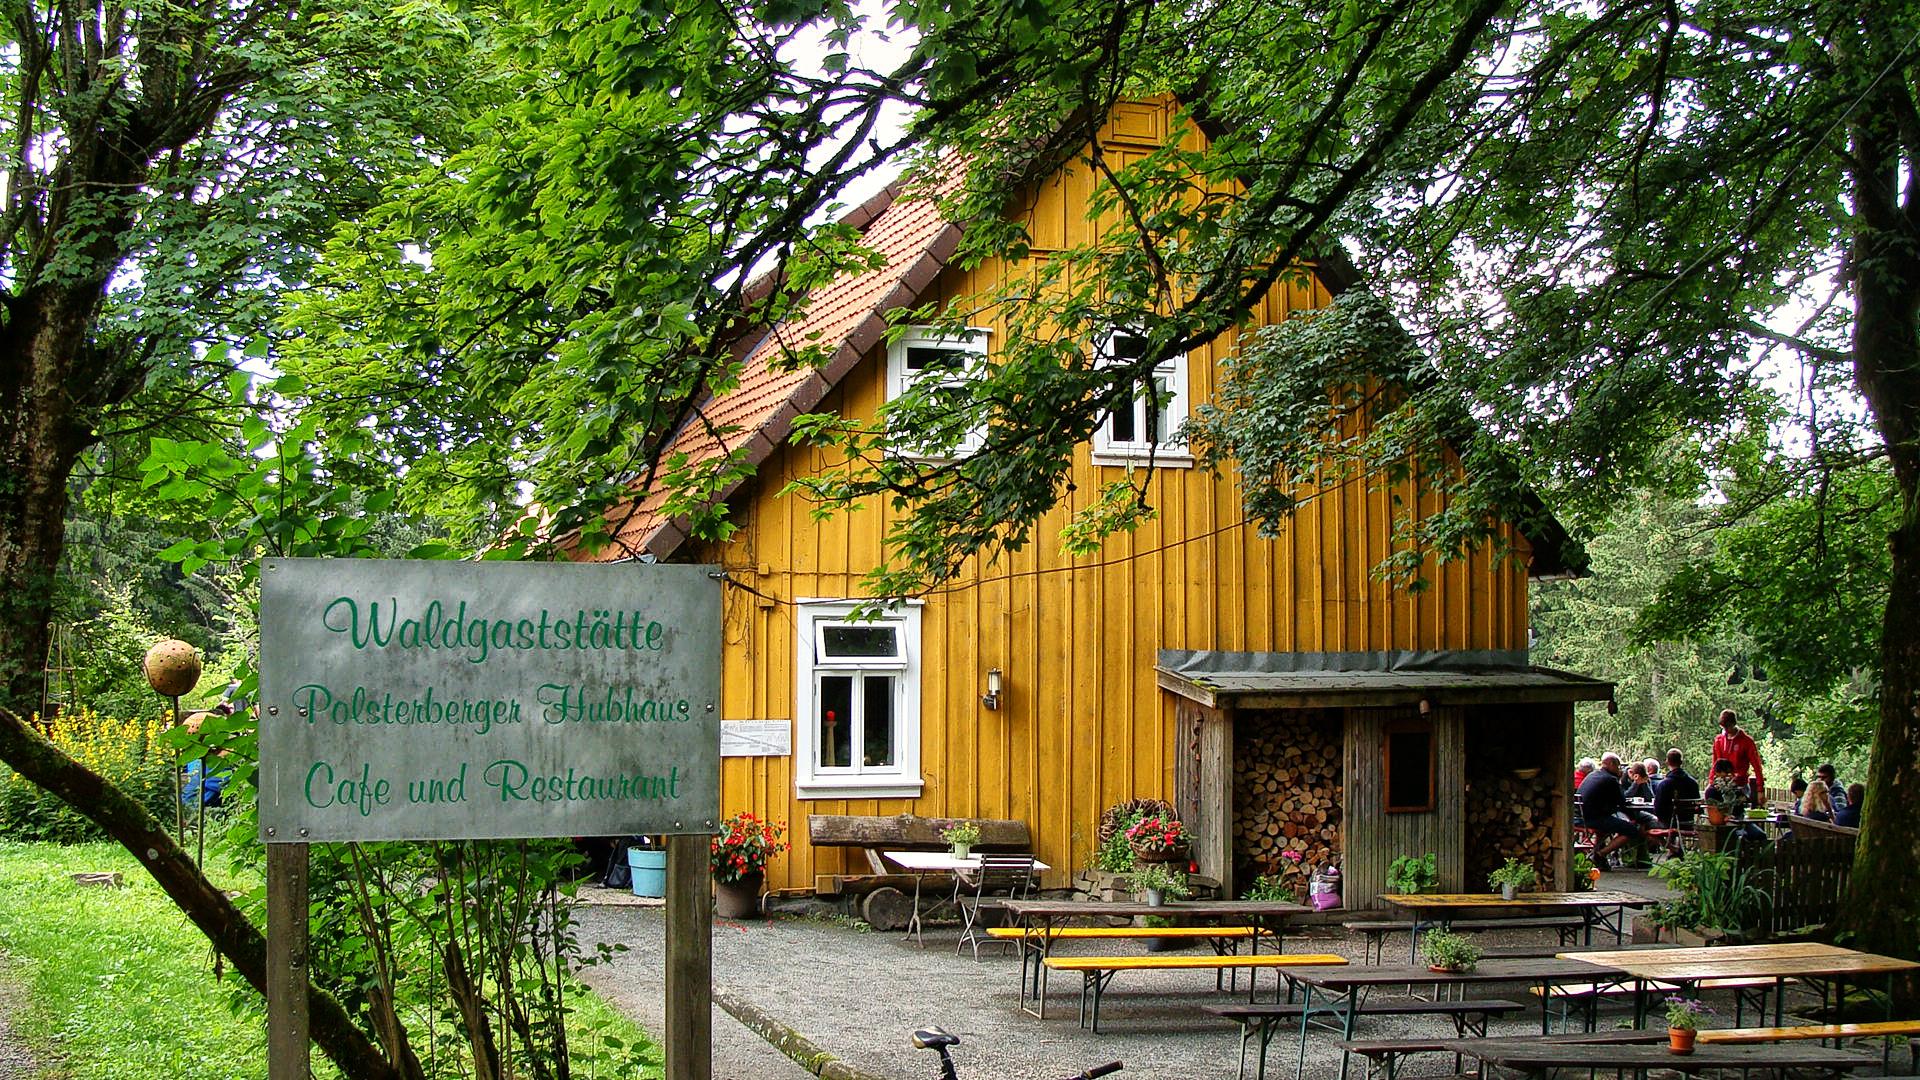 Polsterberger Hubhaus